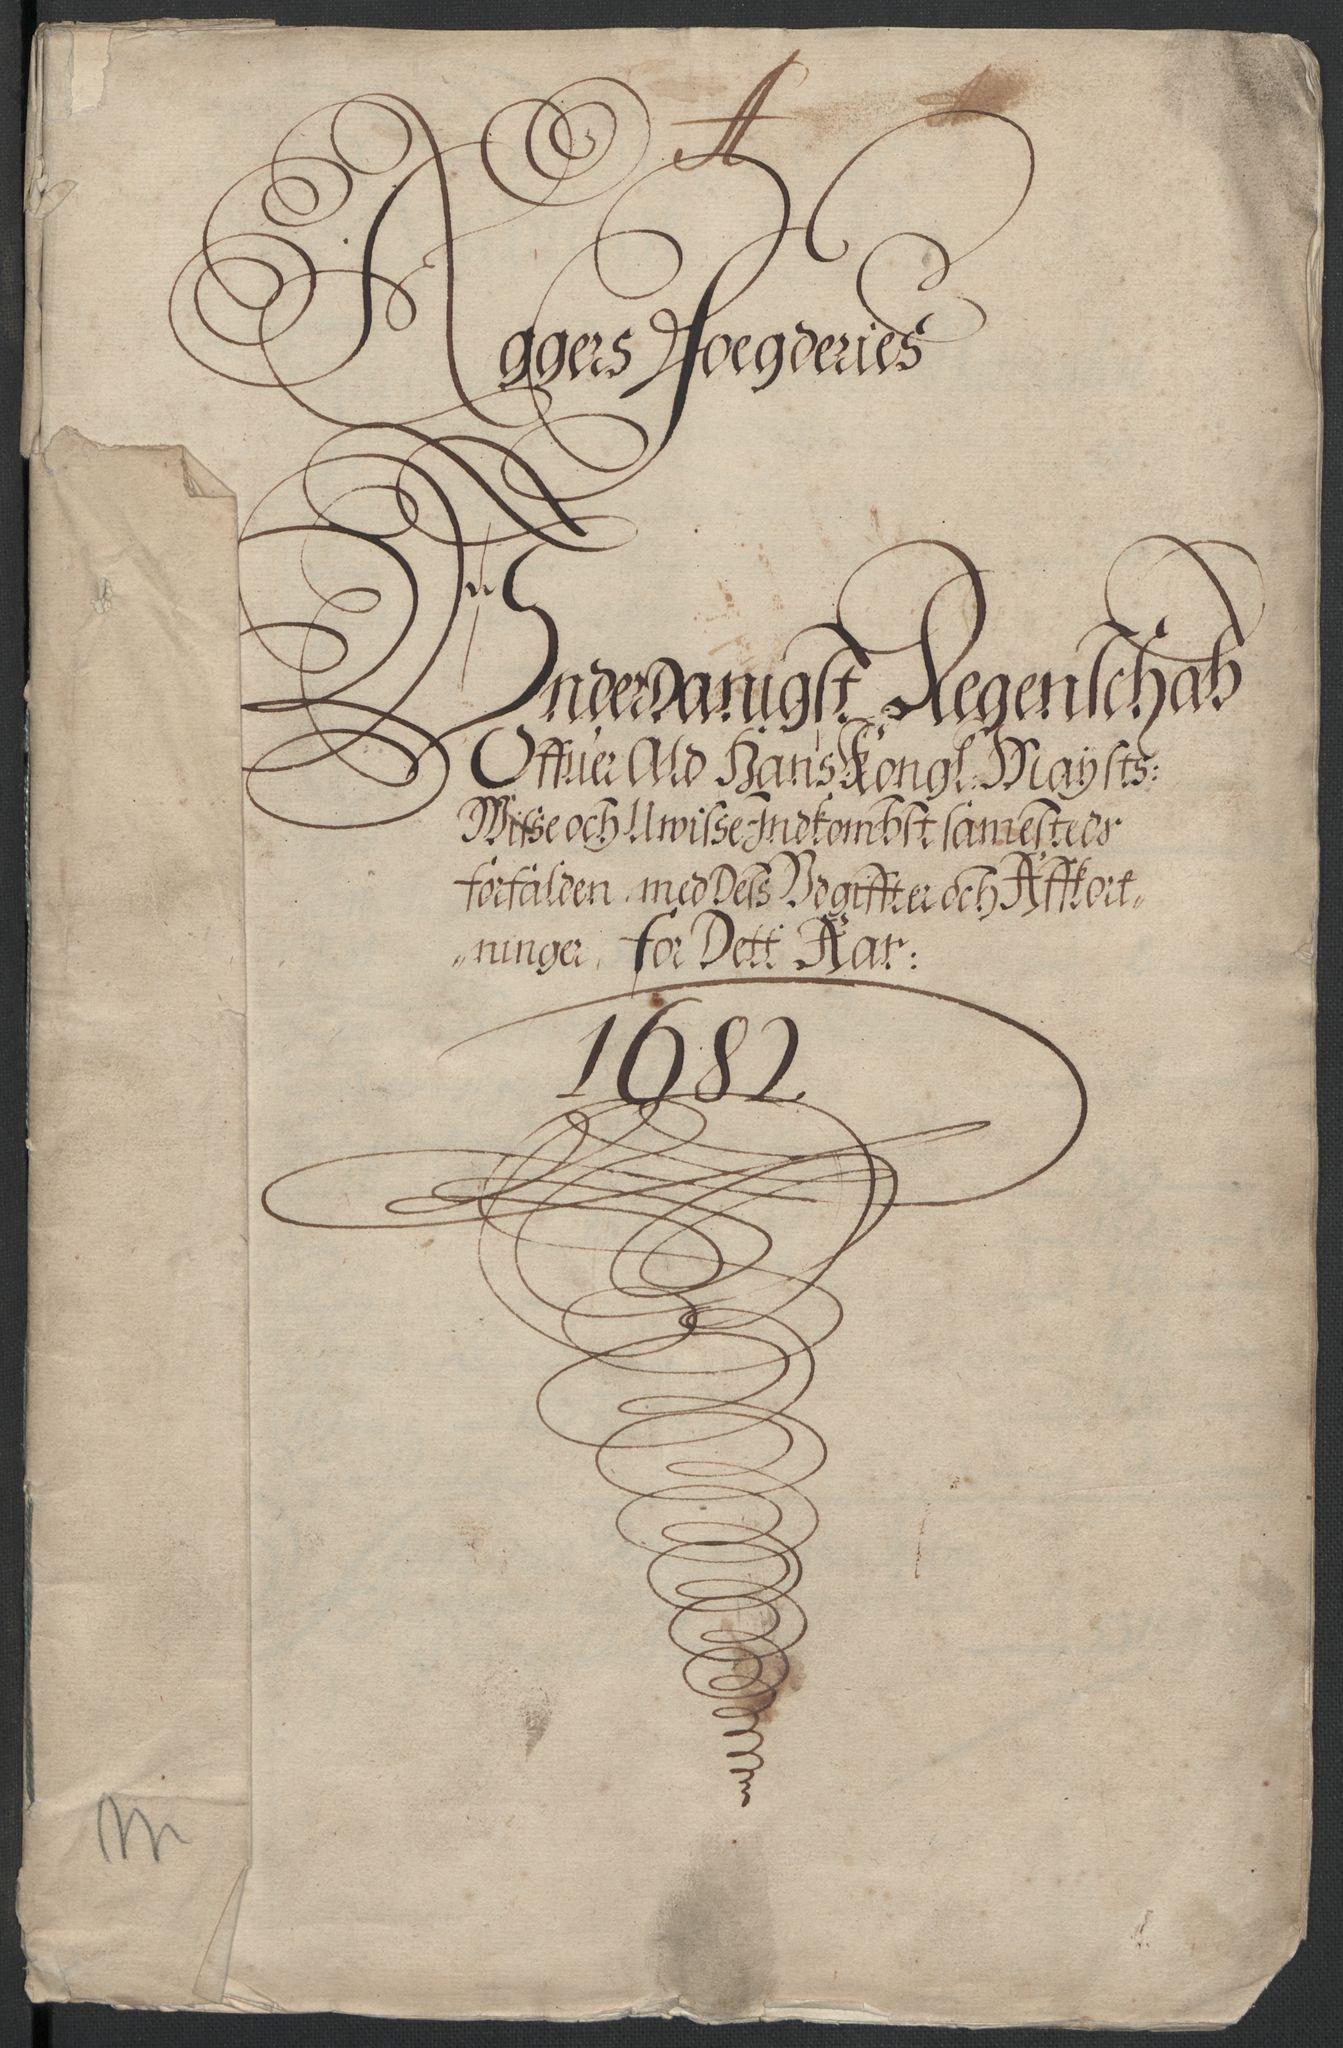 RA, Rentekammeret inntil 1814, Reviderte regnskaper, Fogderegnskap, R08/L0420: Fogderegnskap Aker, 1682-1691, s. 110